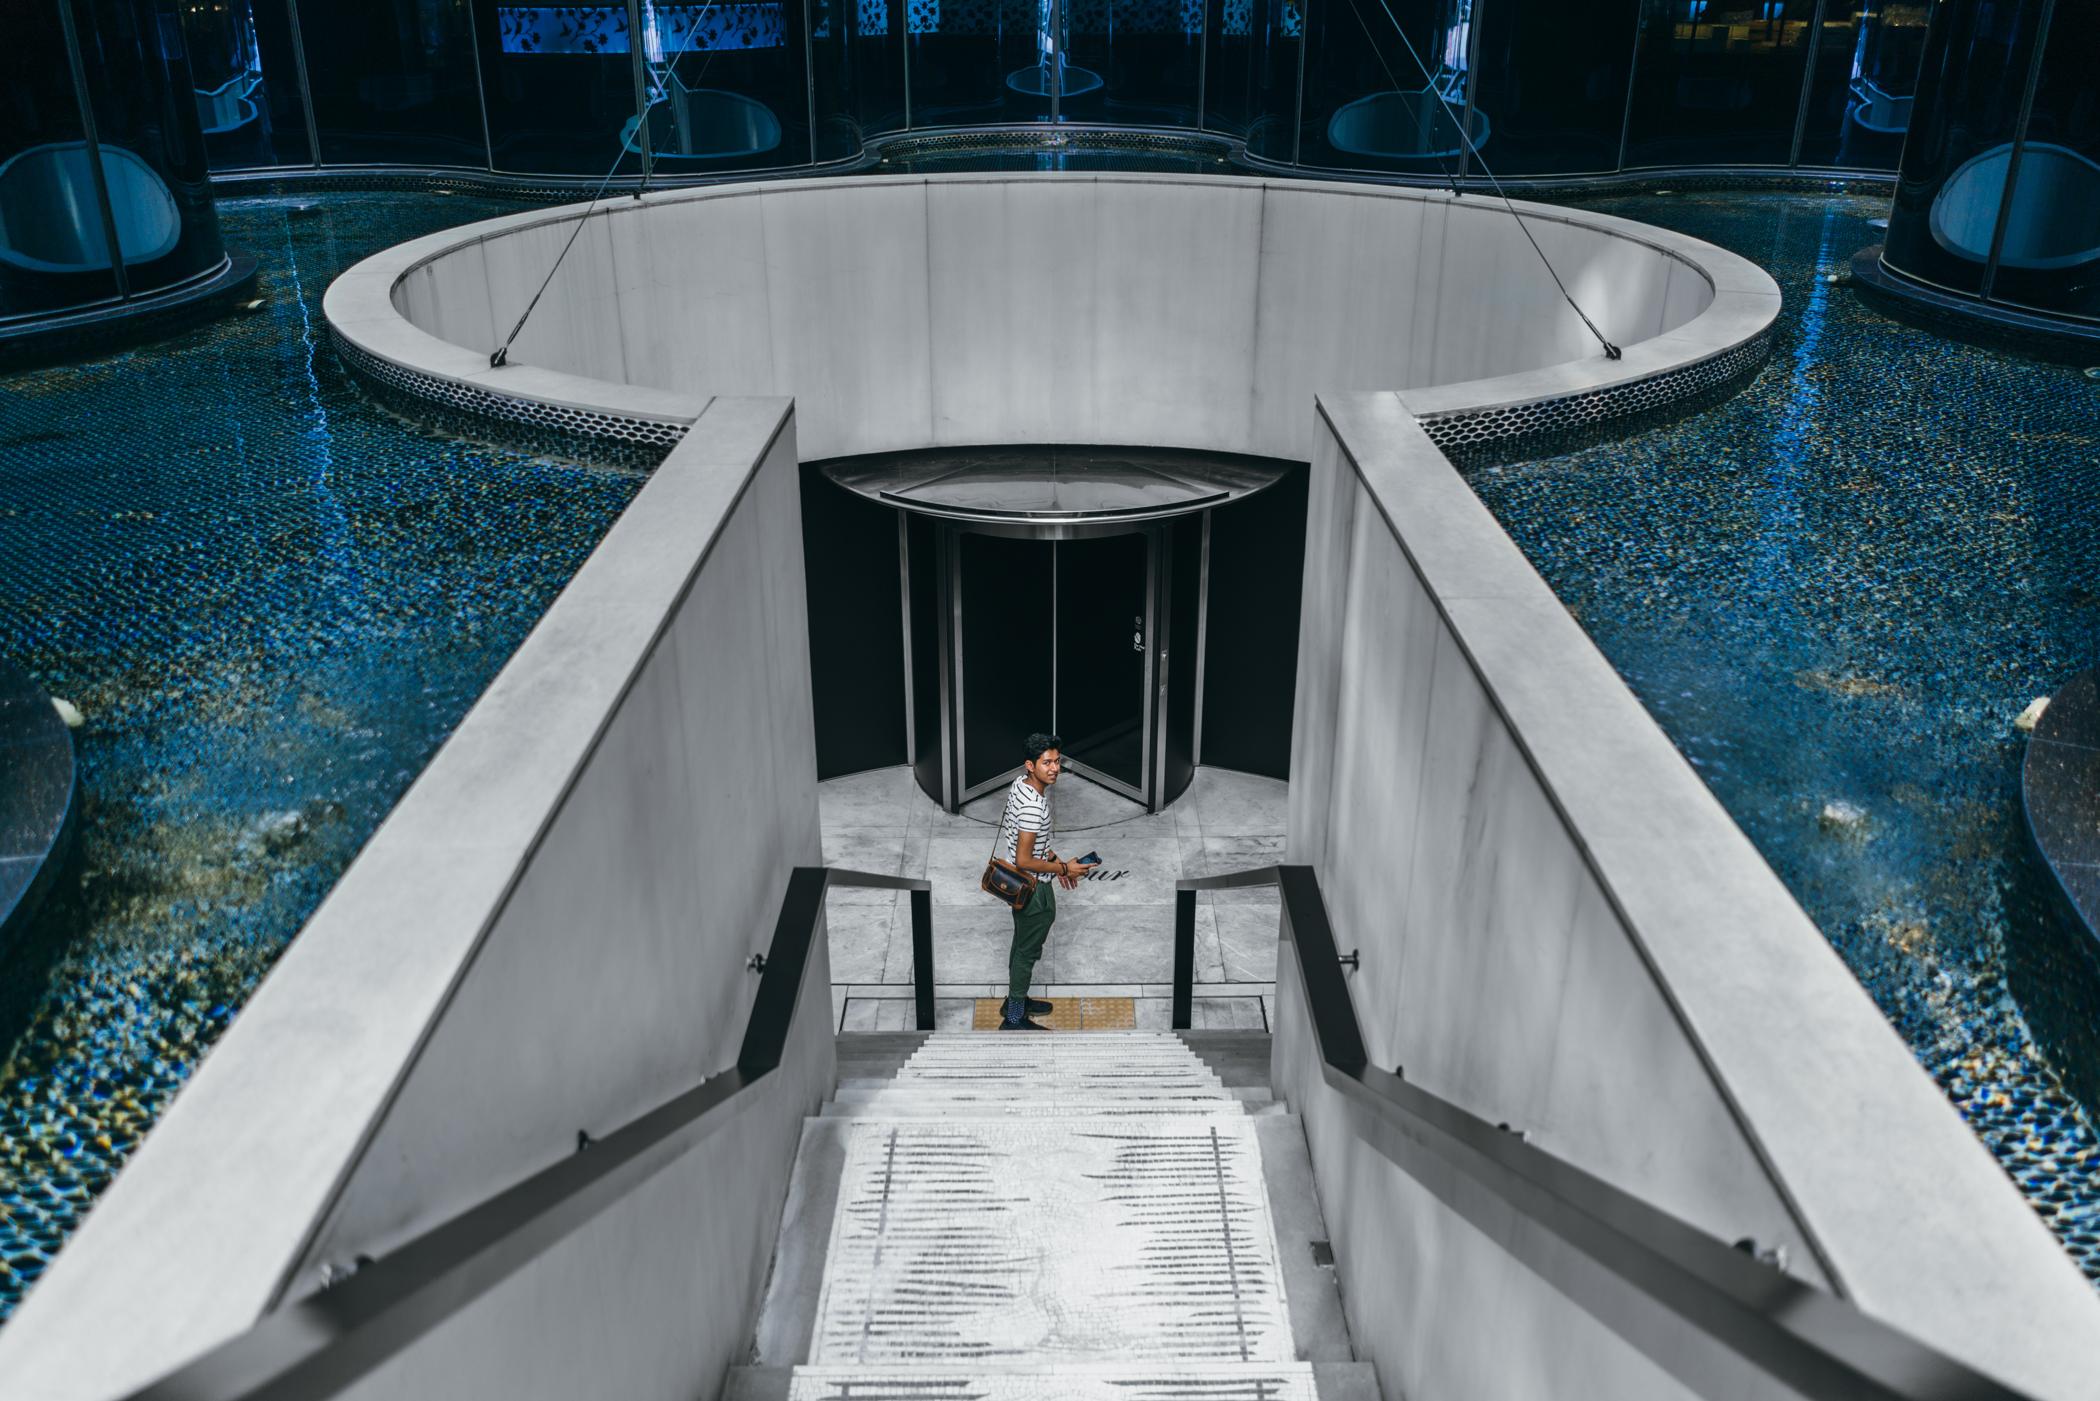 Greysuitcase Seoul Series: Seoul Architecture, Seoul (서울), South Korea.